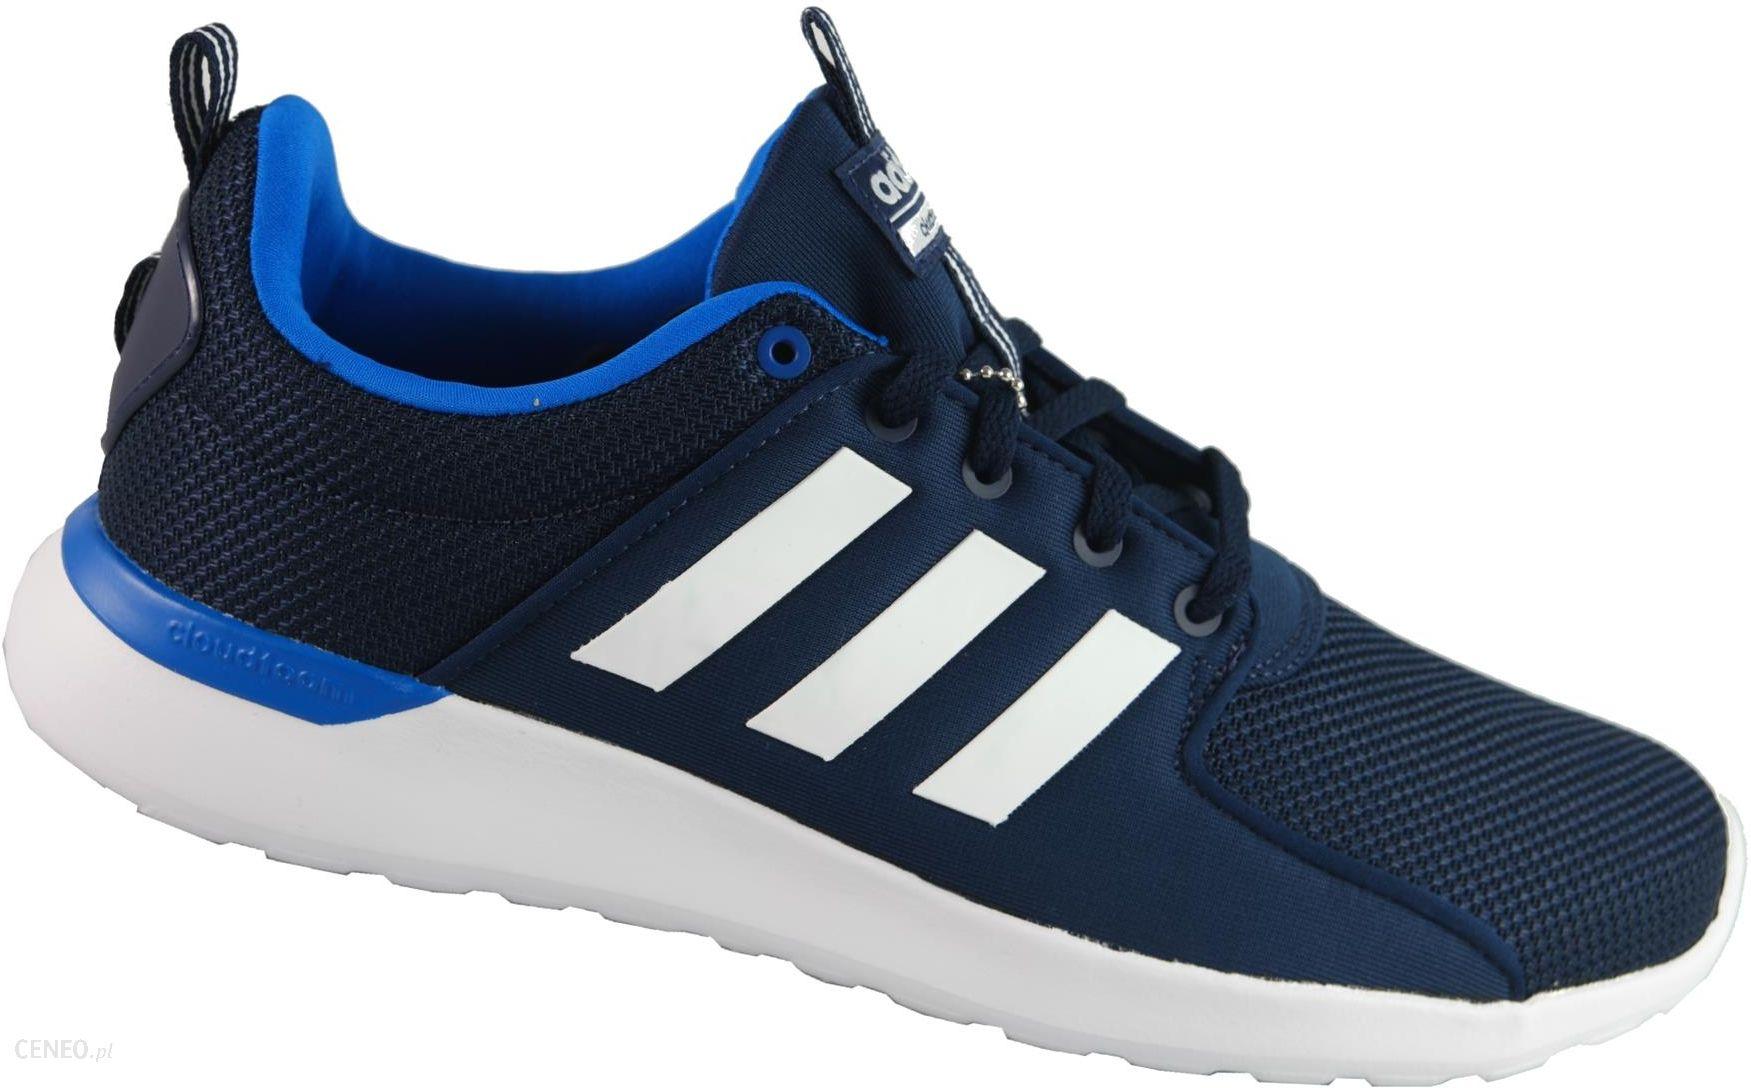 Adidas Cf Lite Racer BB9821 rozmiar 42 Ceny i opinie Ceneo.pl